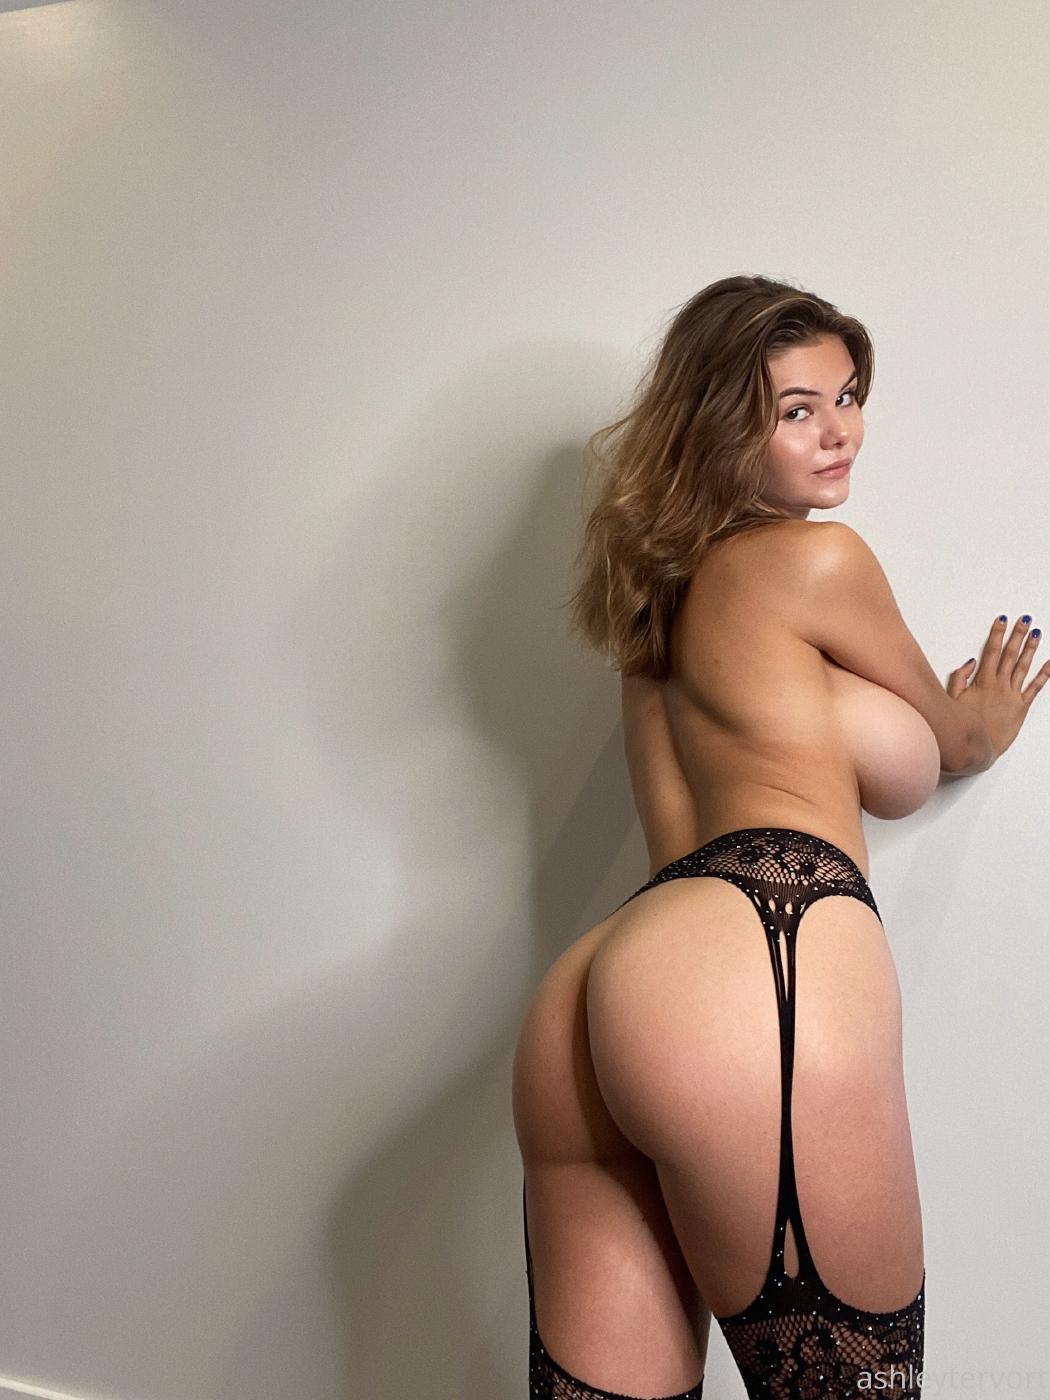 Ashley Tervort Garter Belt Stockings Haul Onlyfans Leaked